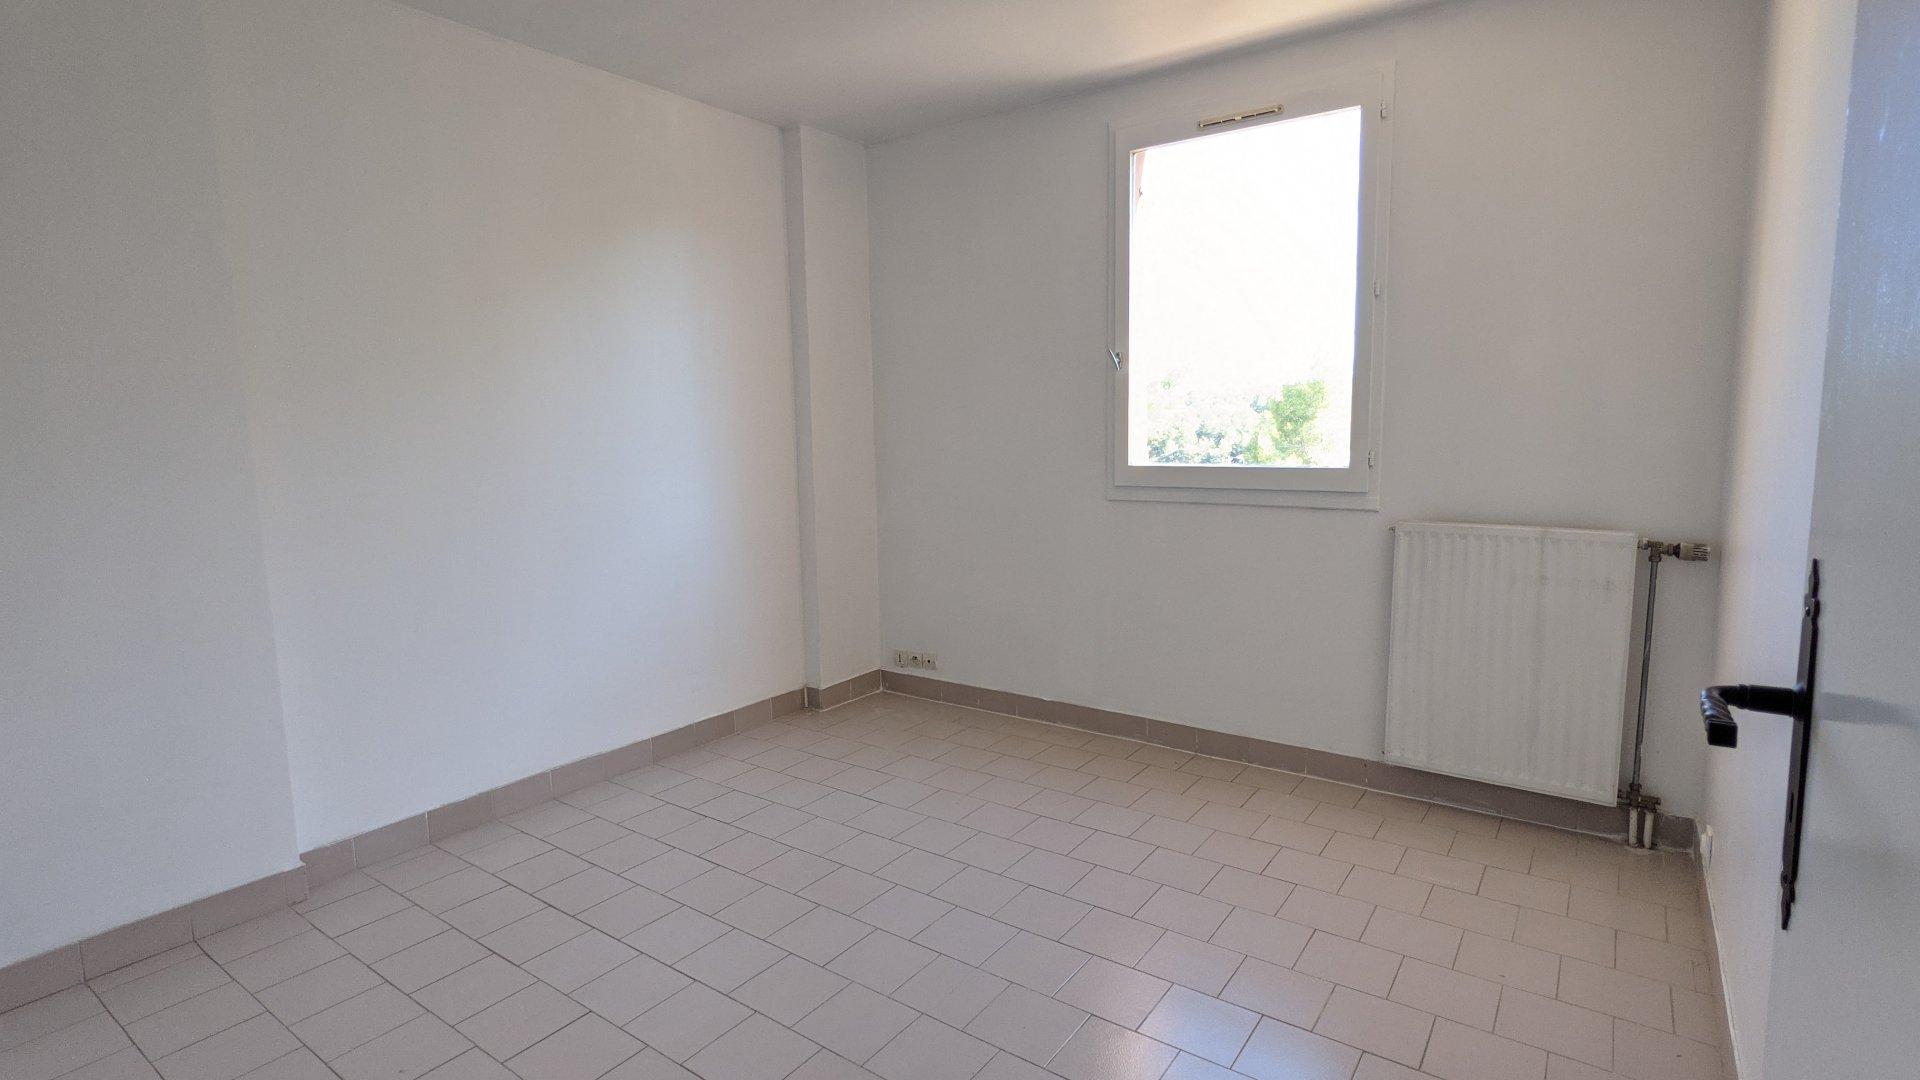 Duplex 4 pièces avec double garages